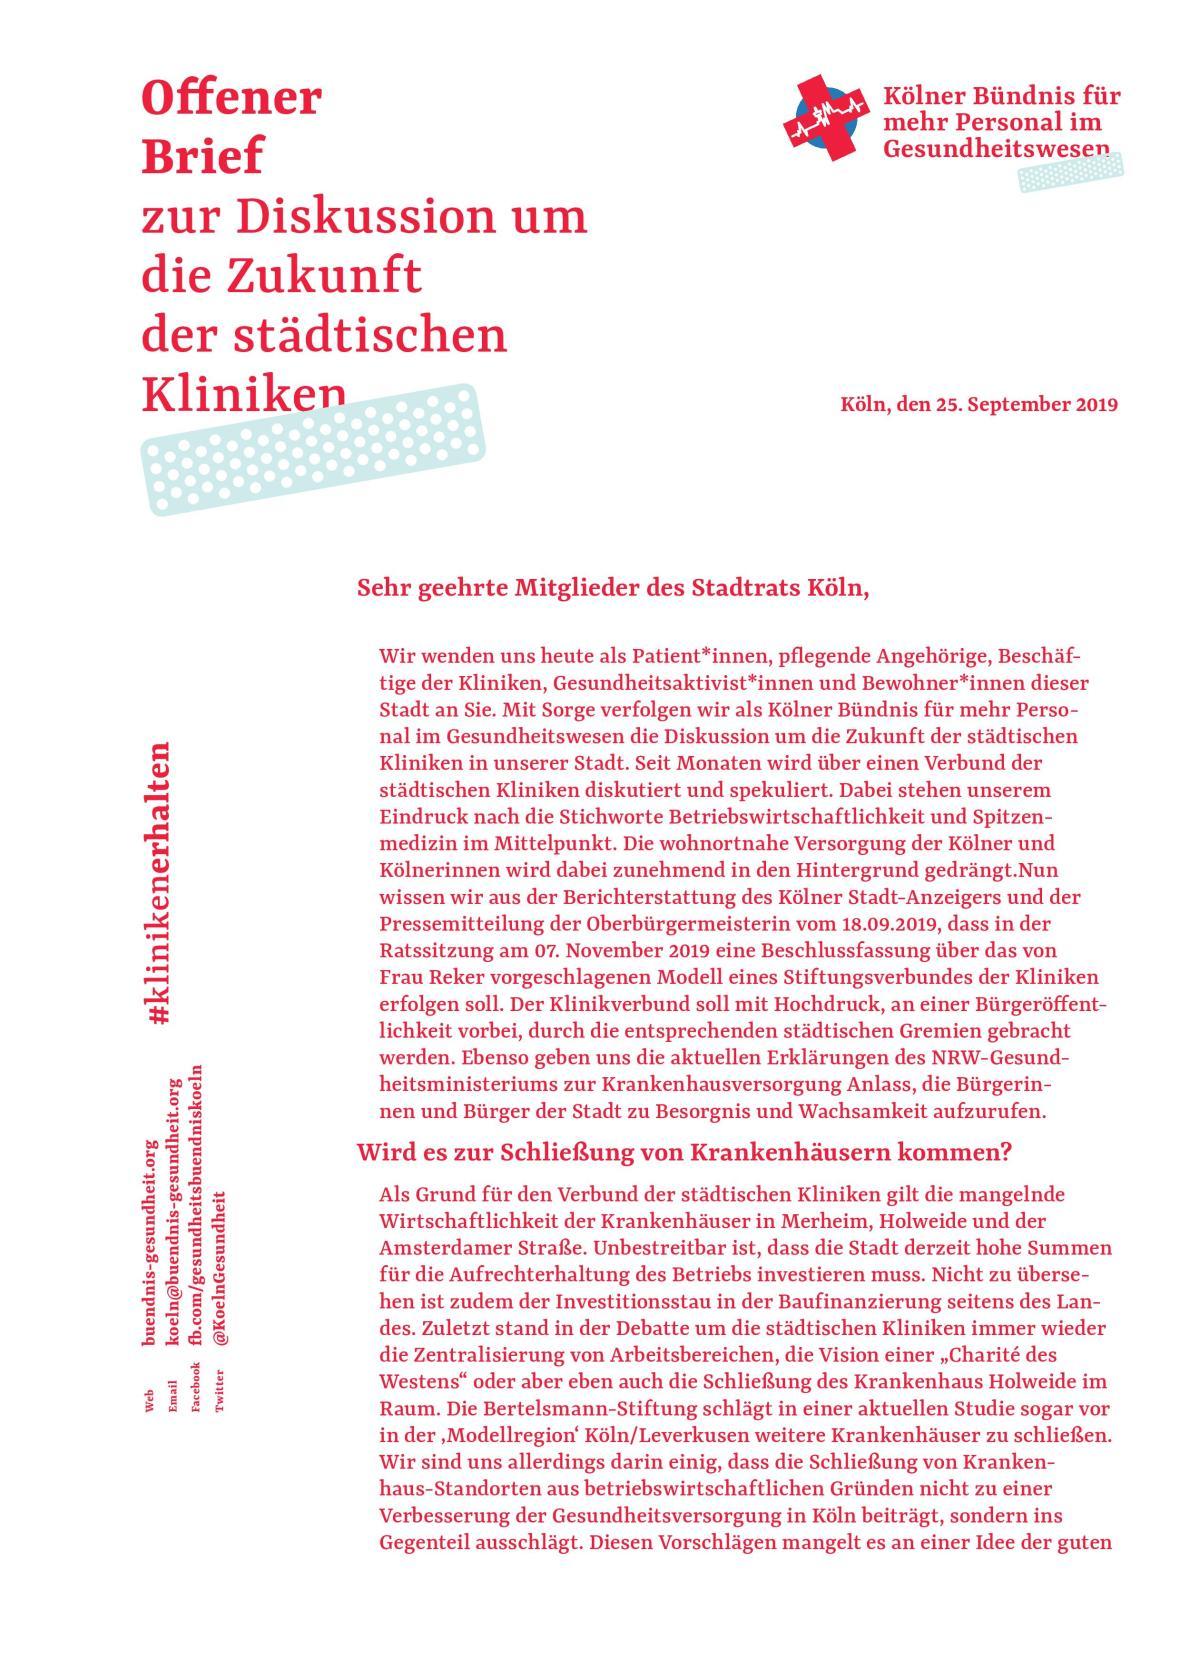 Offener-Brief-Kölner-Kliniken_25.09.19-page-001